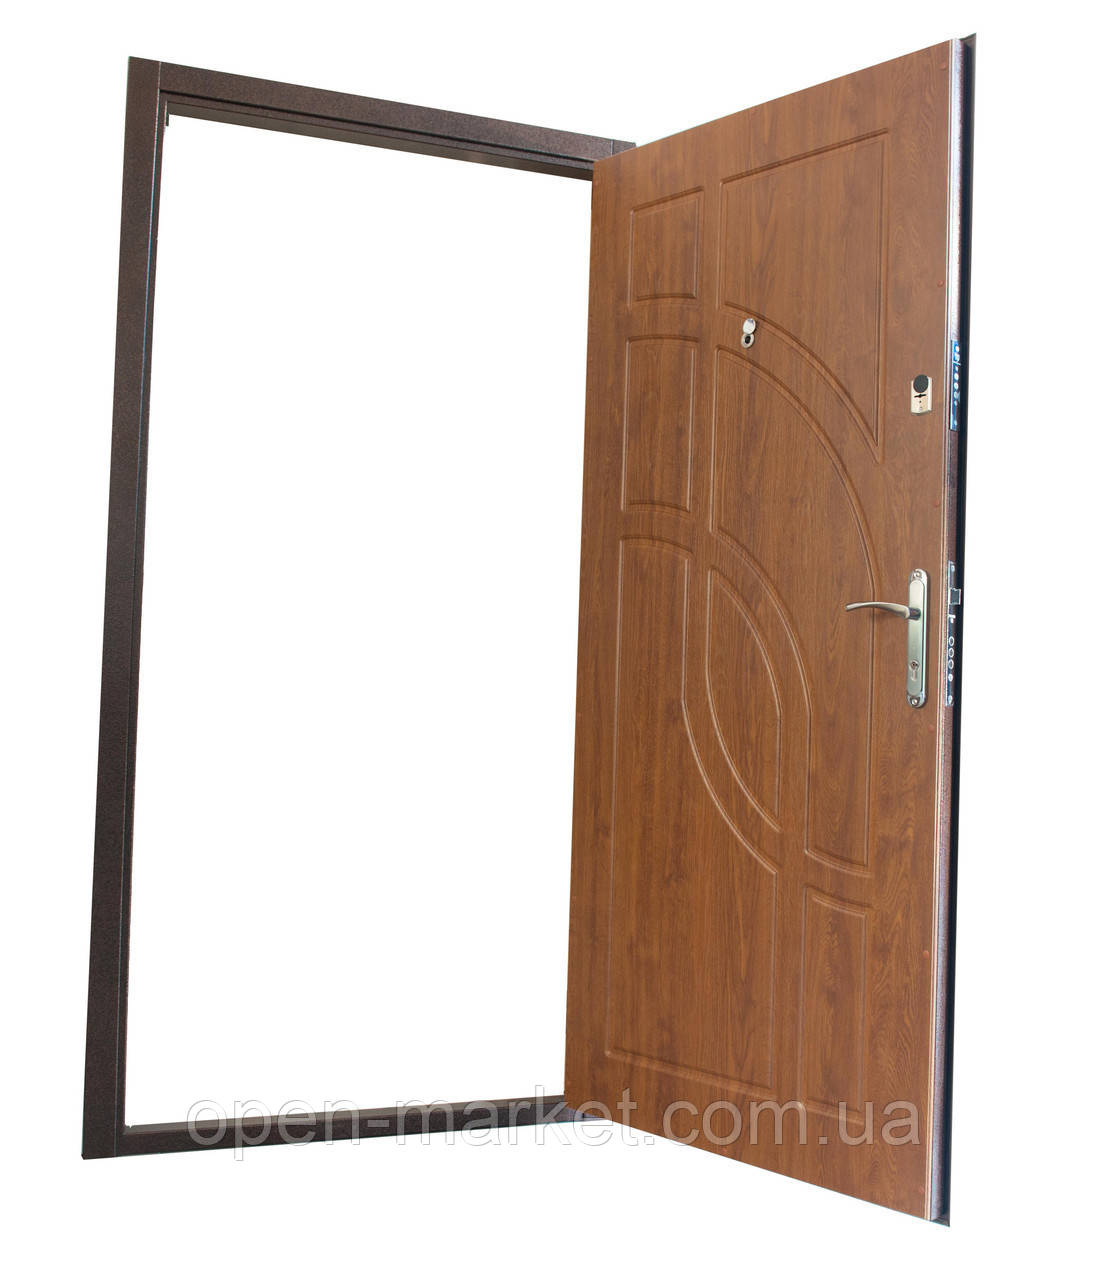 Двері вуличні Парутине Миколаївська область